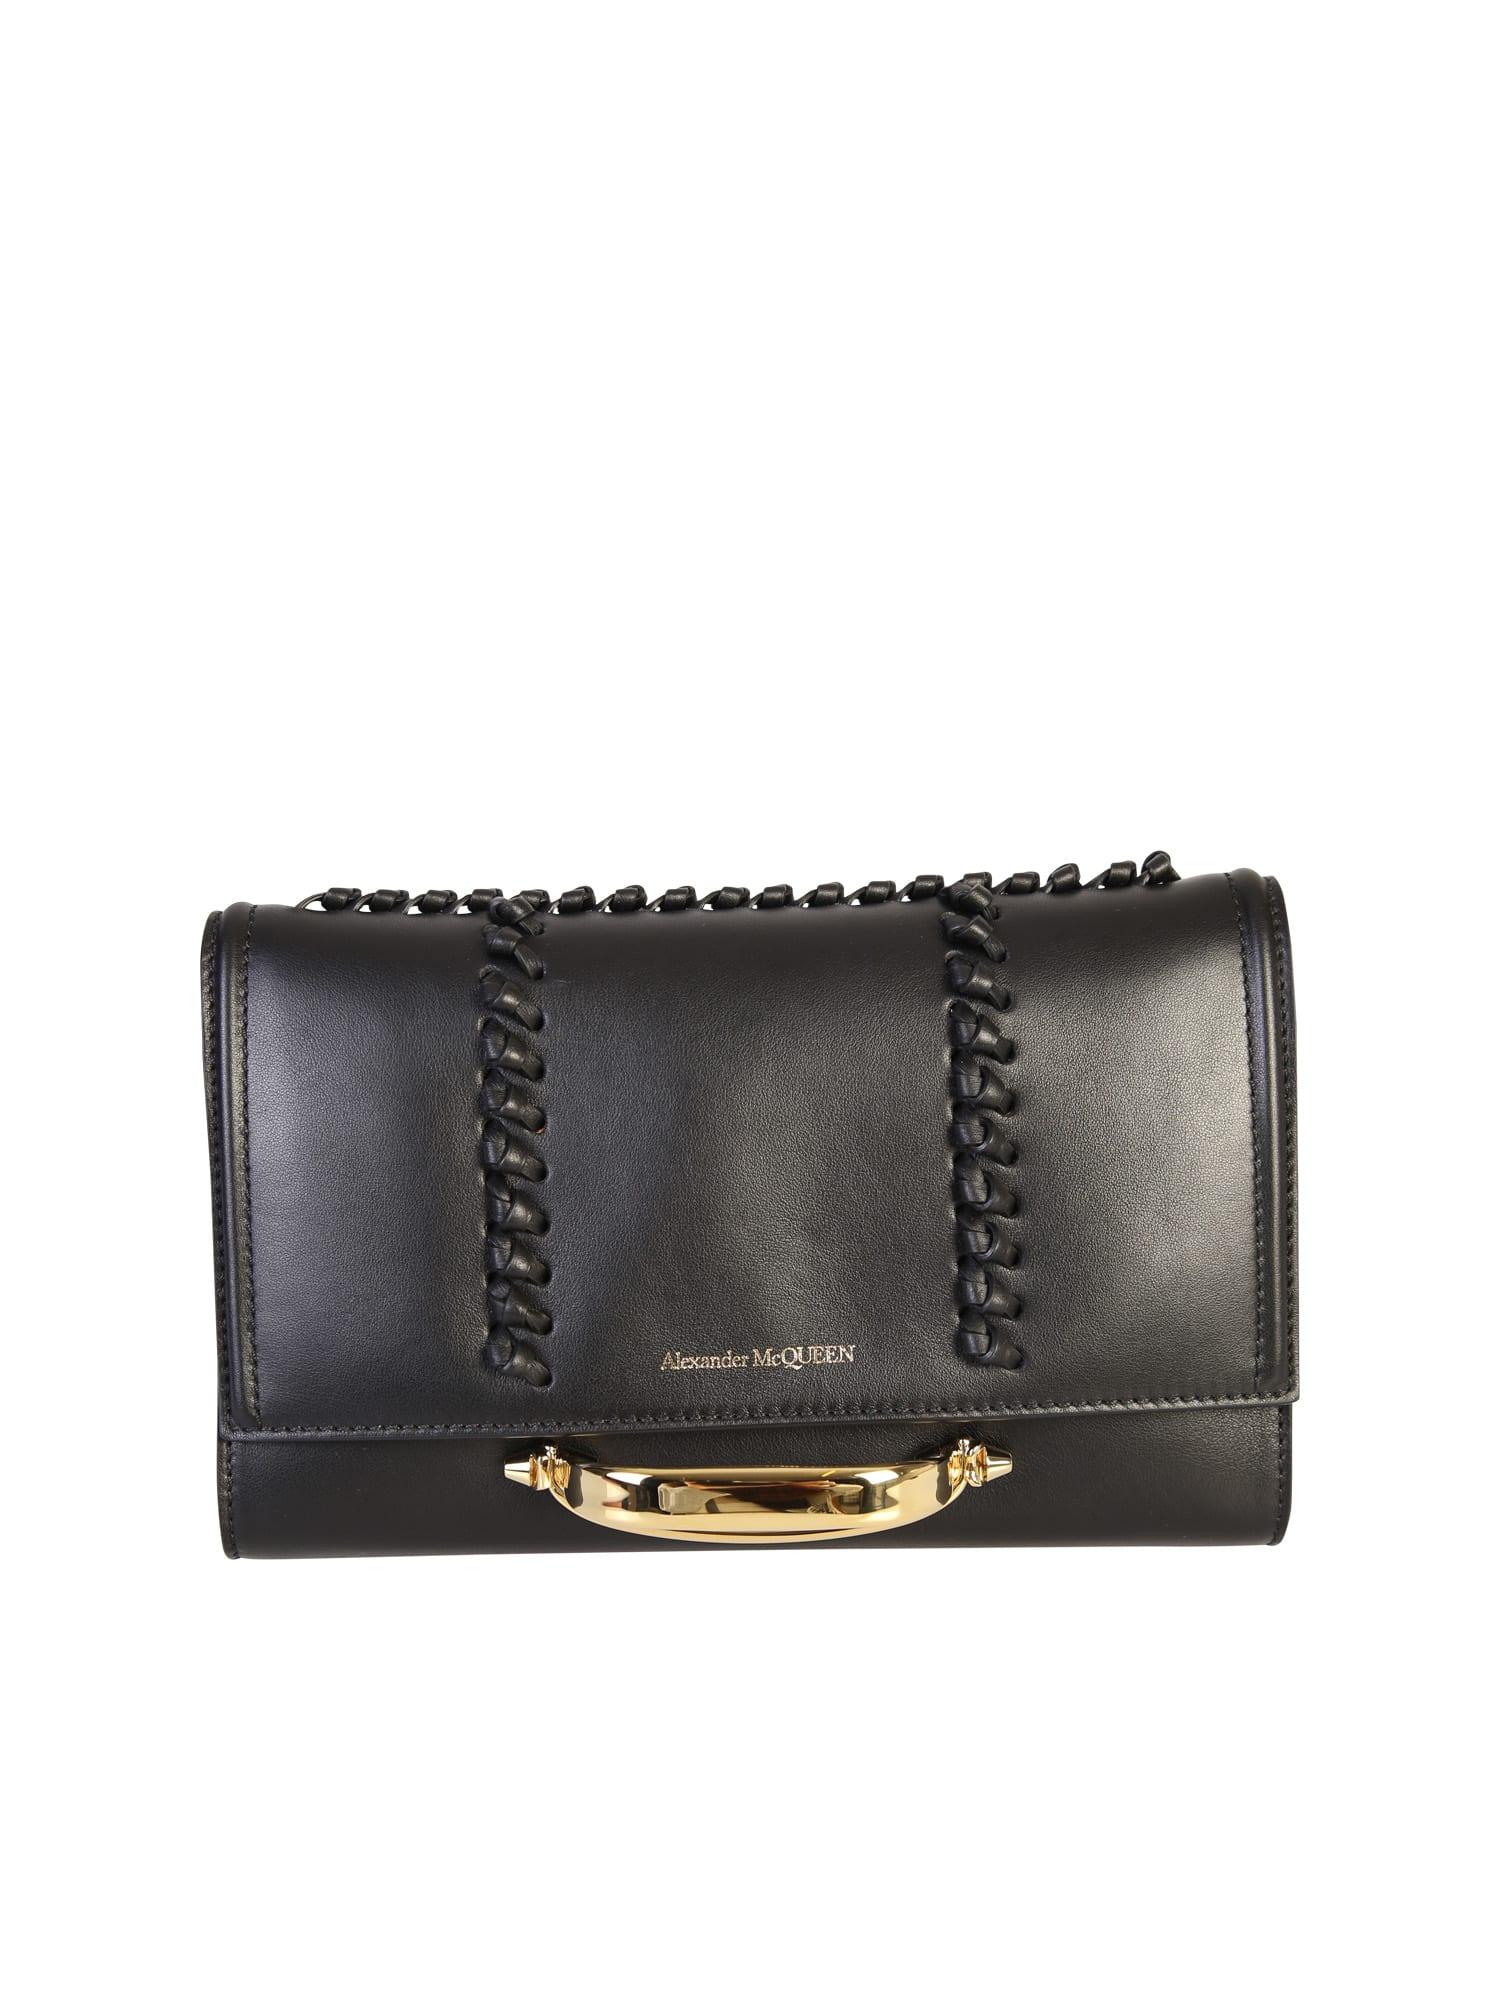 Alexander McQueen Branded Bag